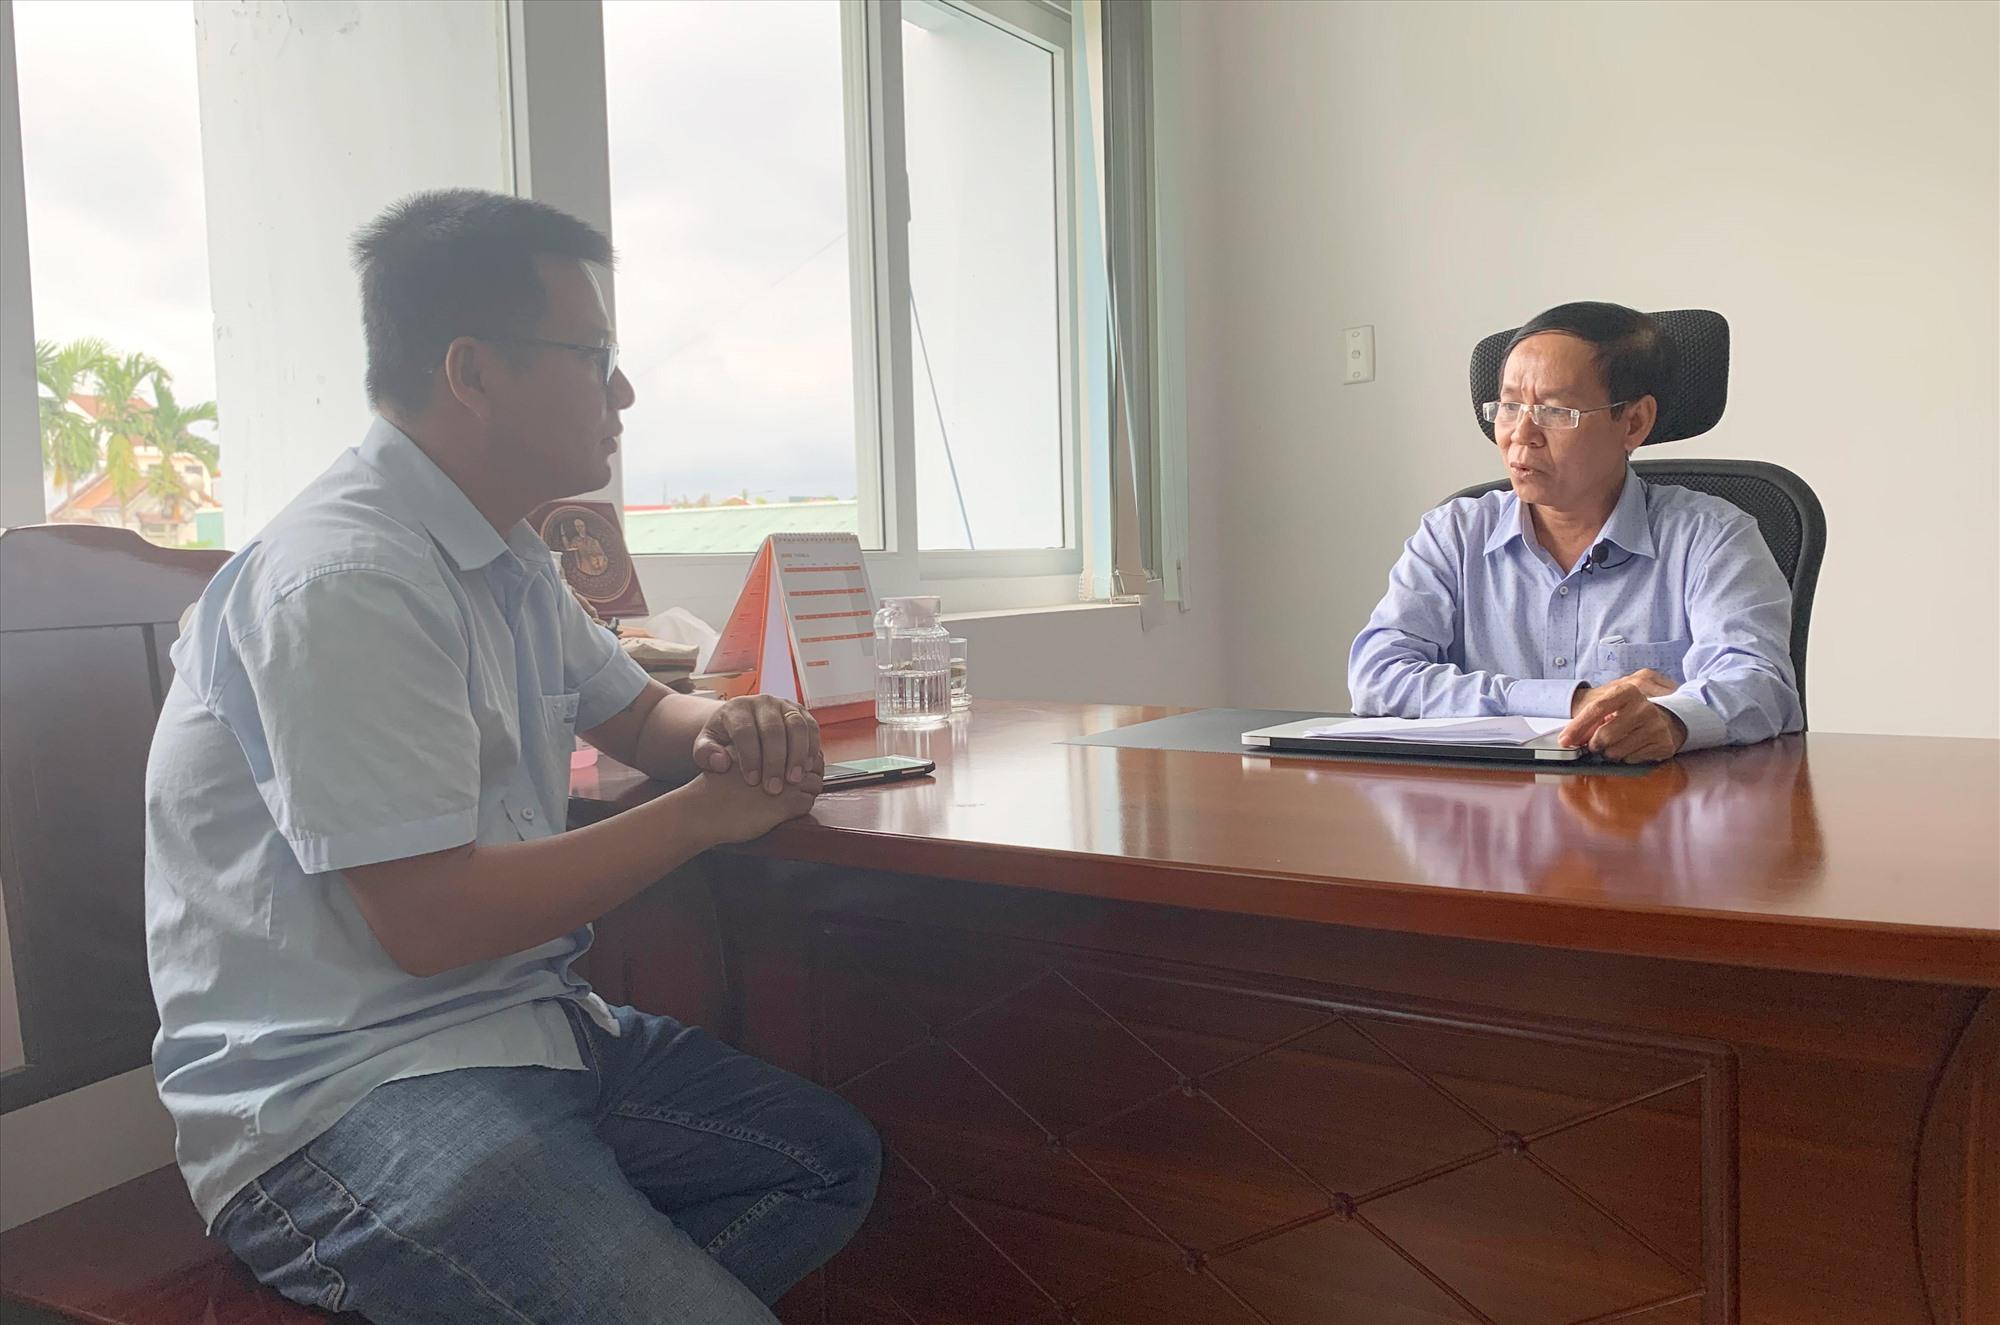 Phóng viên Báo Quảng Nam trao đổi với ông Nguyễn Văn Văn - Phó Giám đốc Sở Y tế tỉnh. Ảnh: PHAN VINH